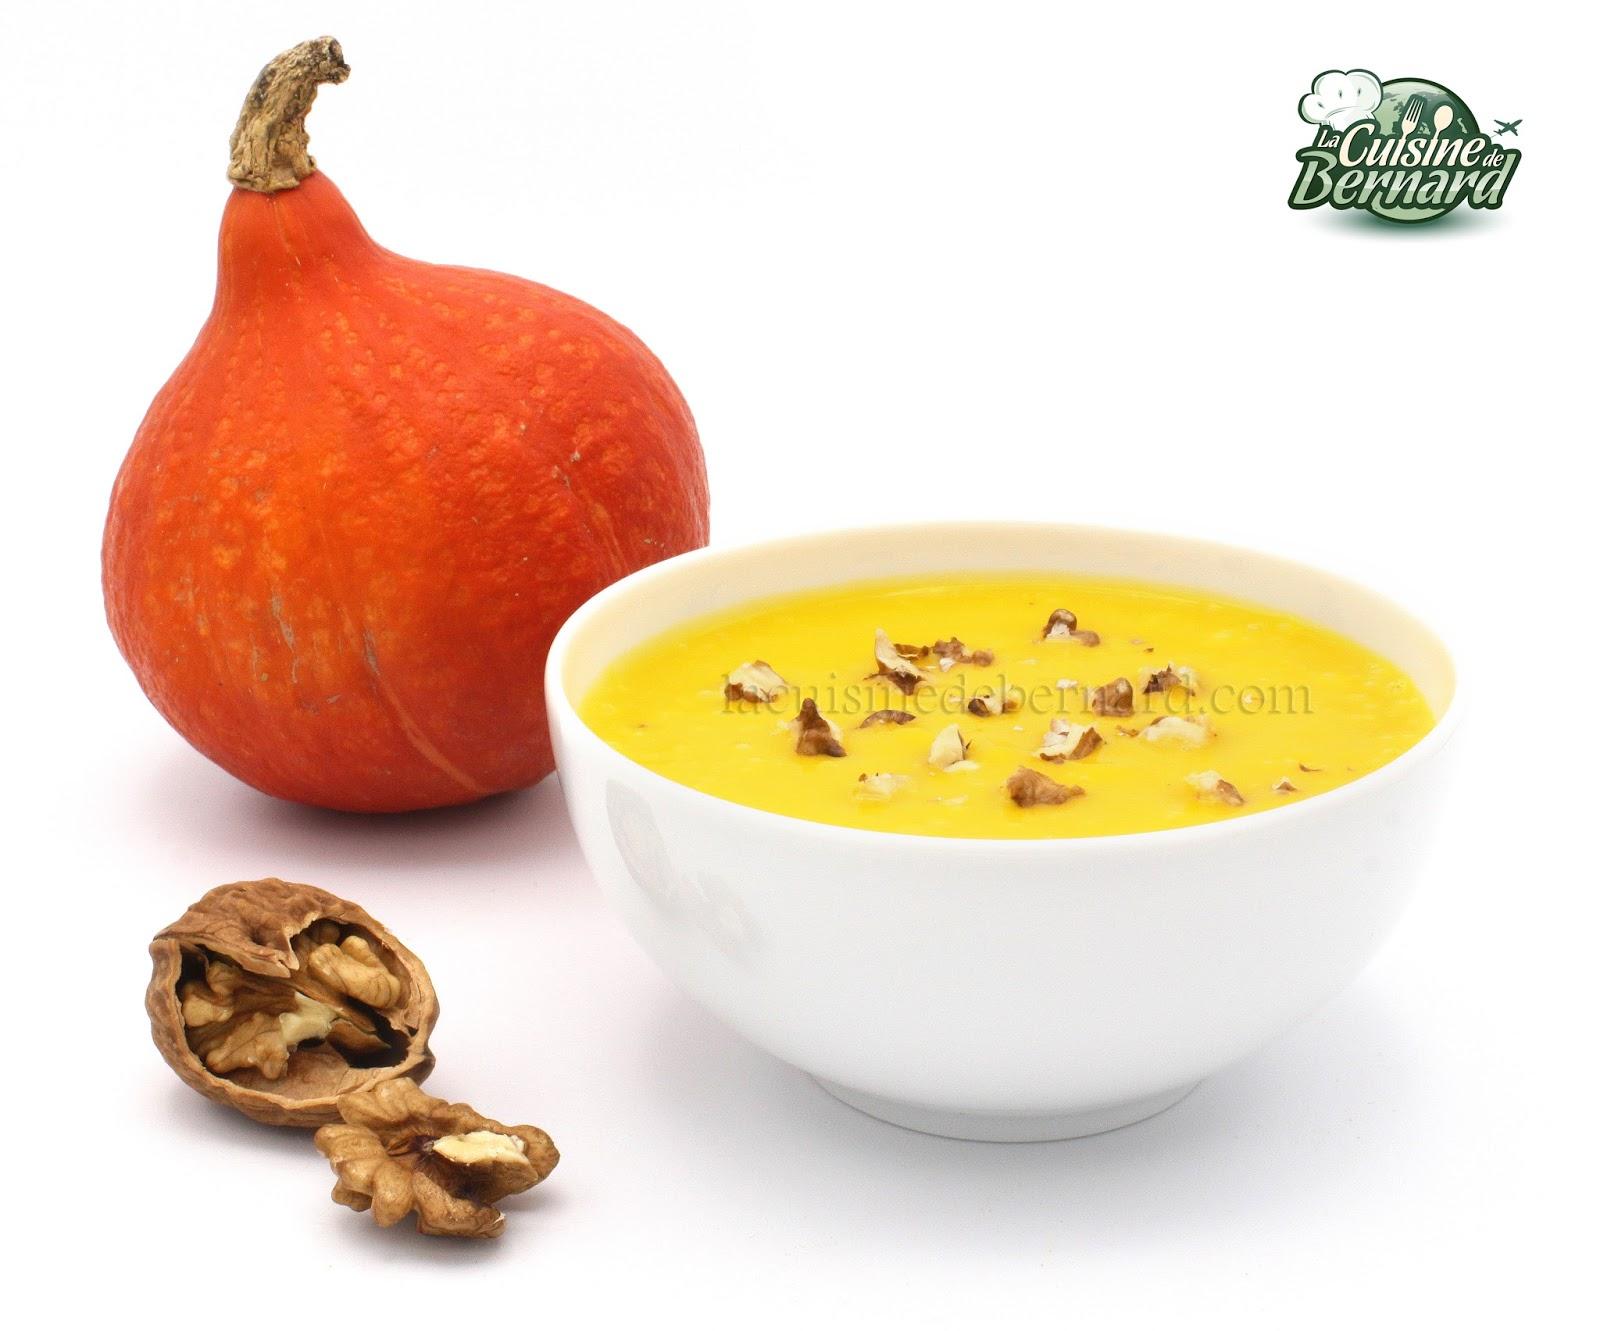 La cuisine de bernard soupe de potimarron - Soupe a oignon maison ...